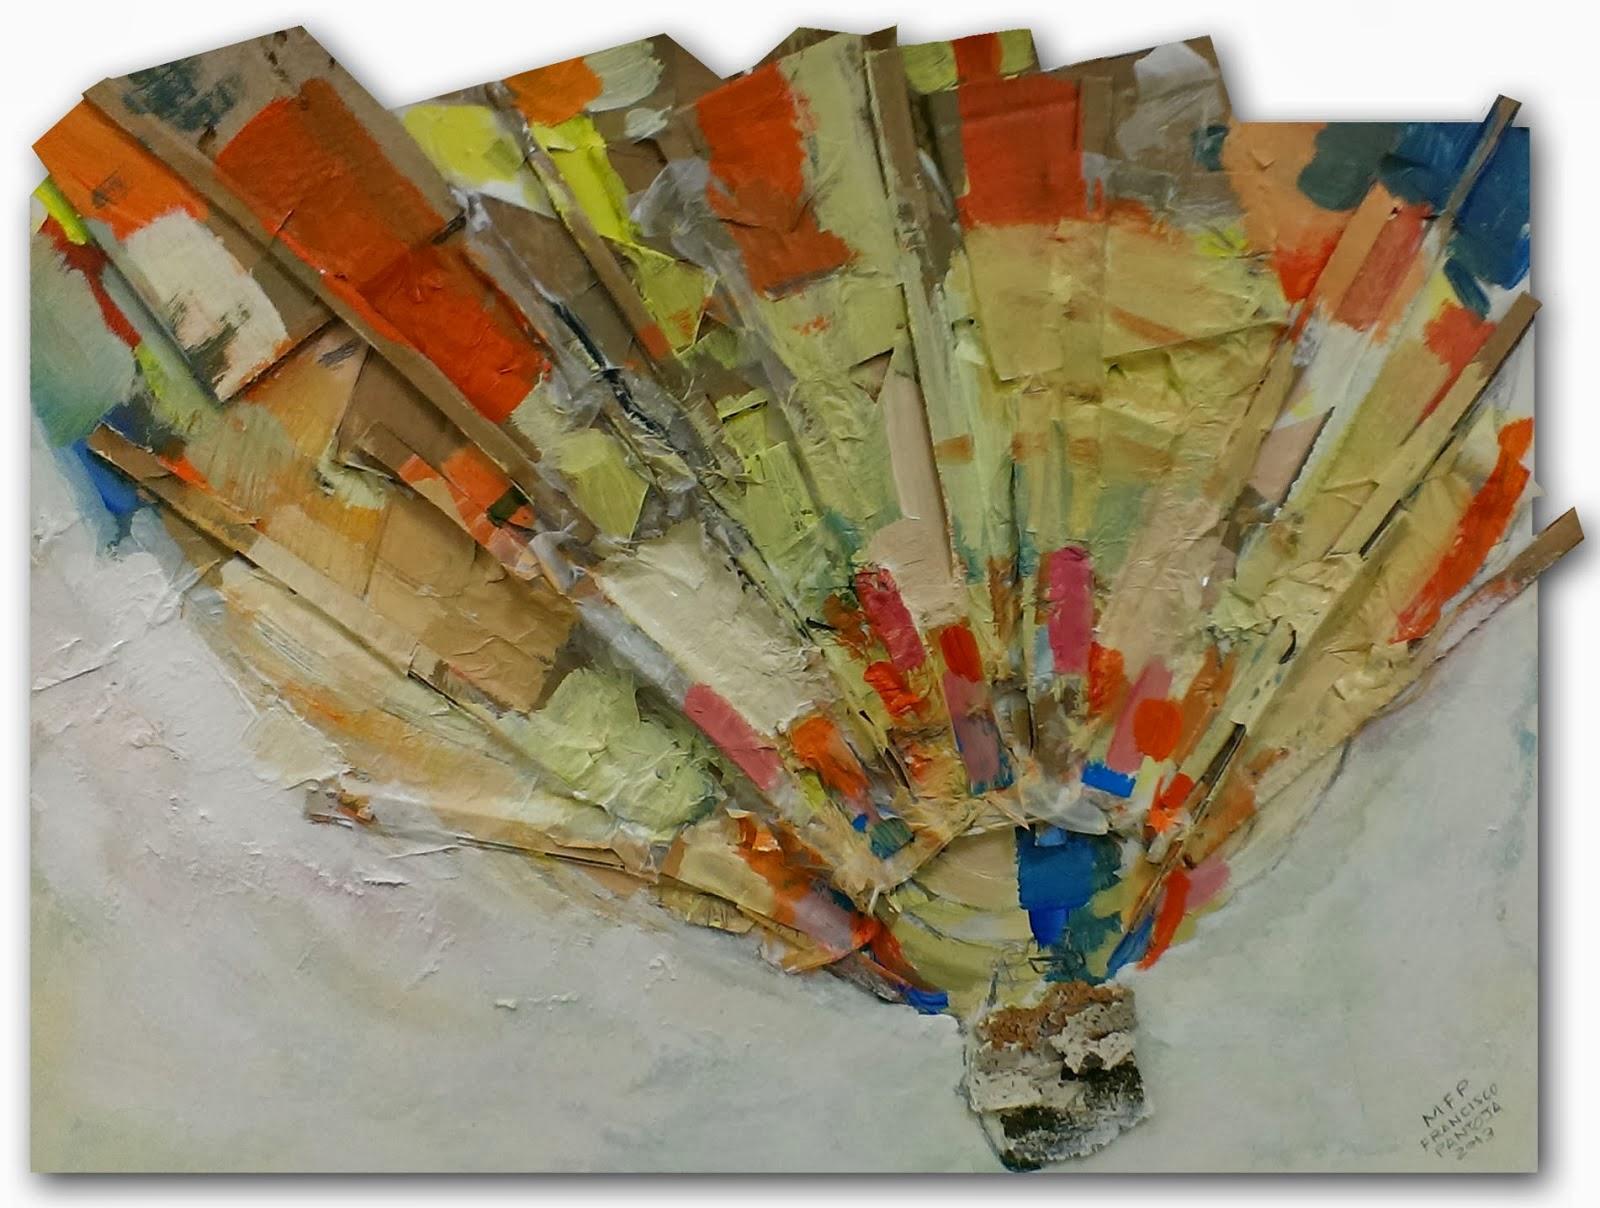 Para En Creativas Formación La Artes MirarteriaIdeas WI2HYED9